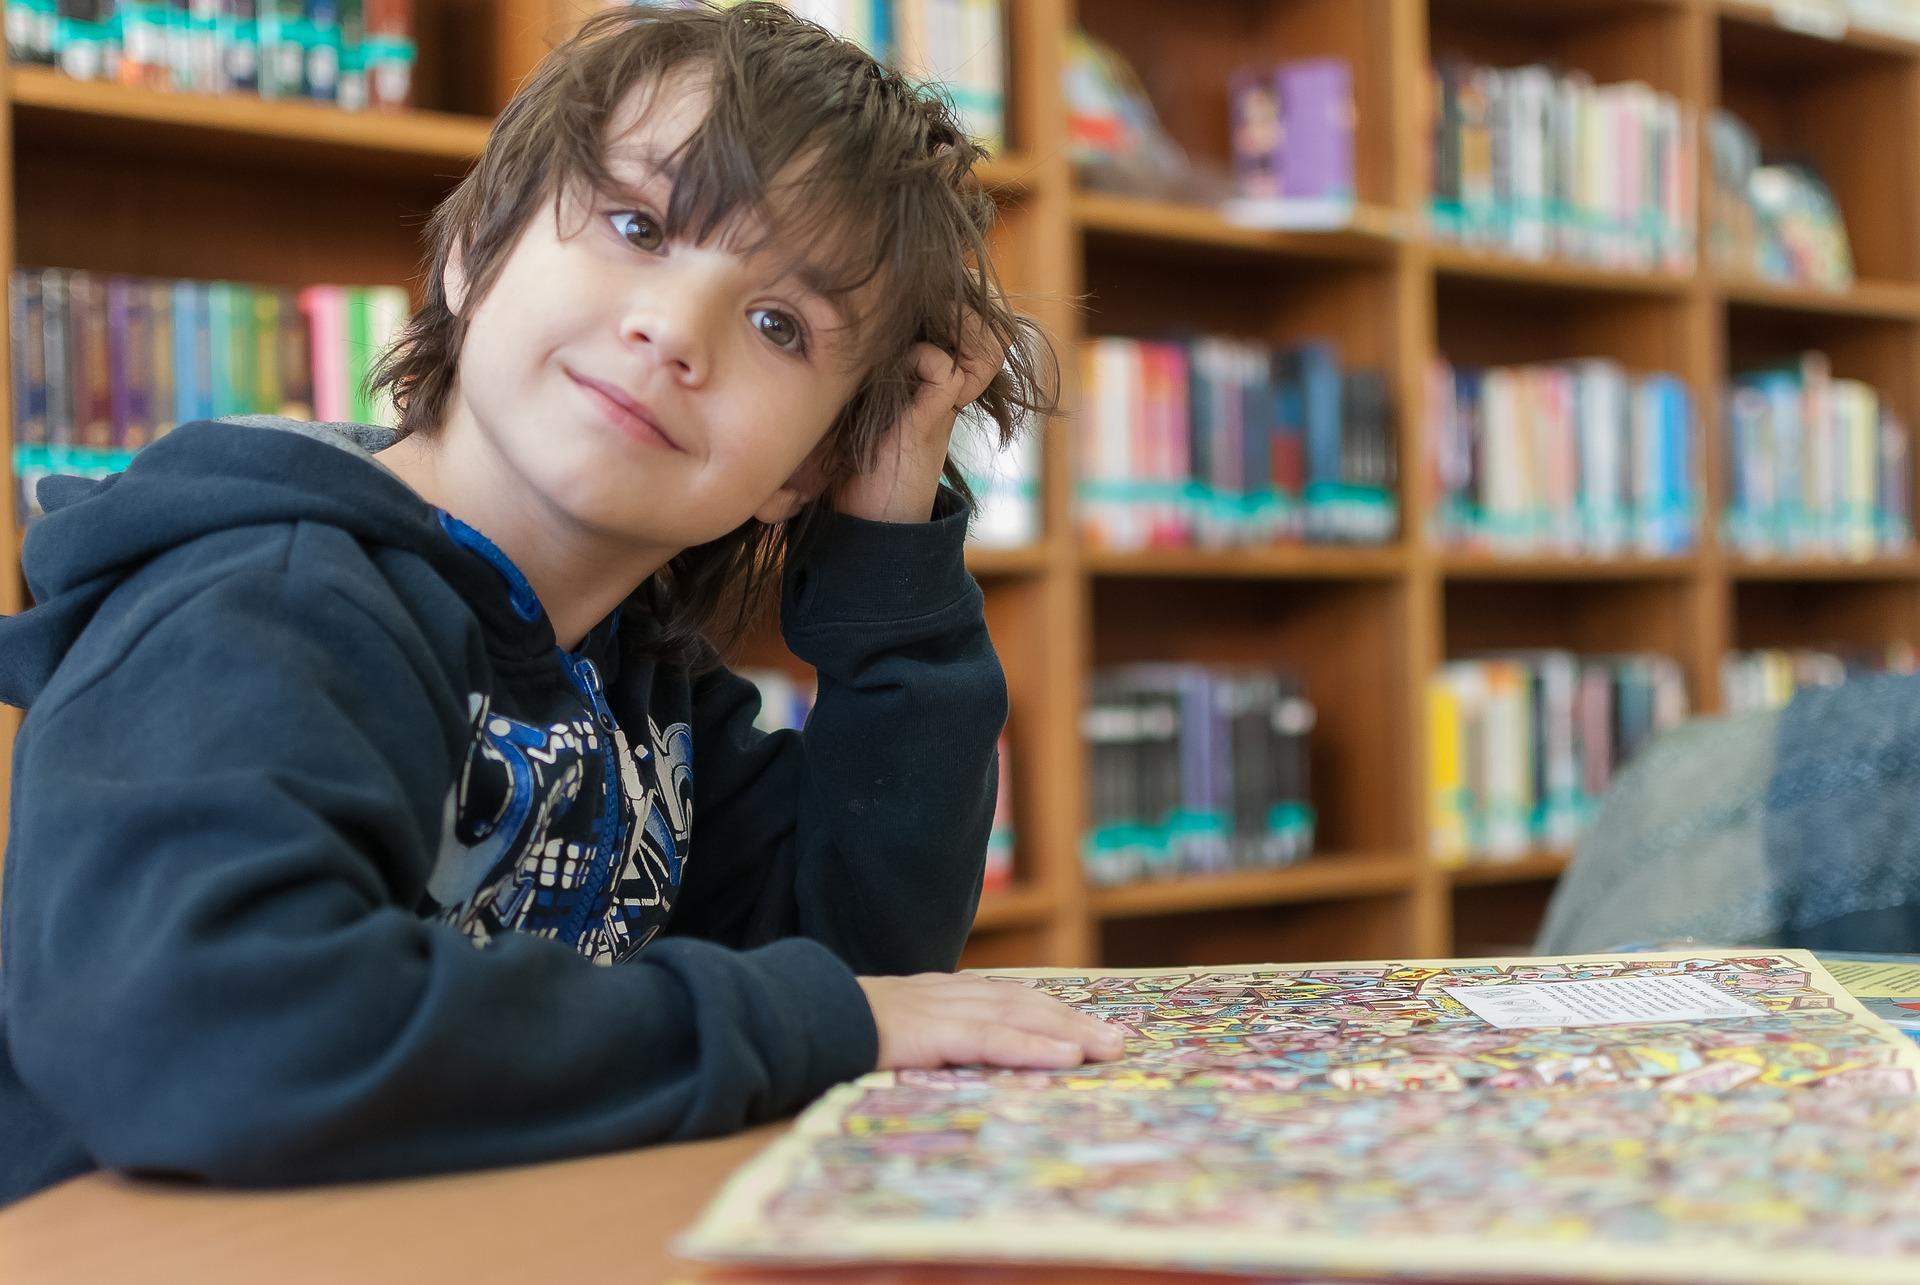 Mennyit ér, ha egy szegény gyerek többet tanul? A Hétfa új elemzése a magasabb végzettség megtérülését vizsgálja